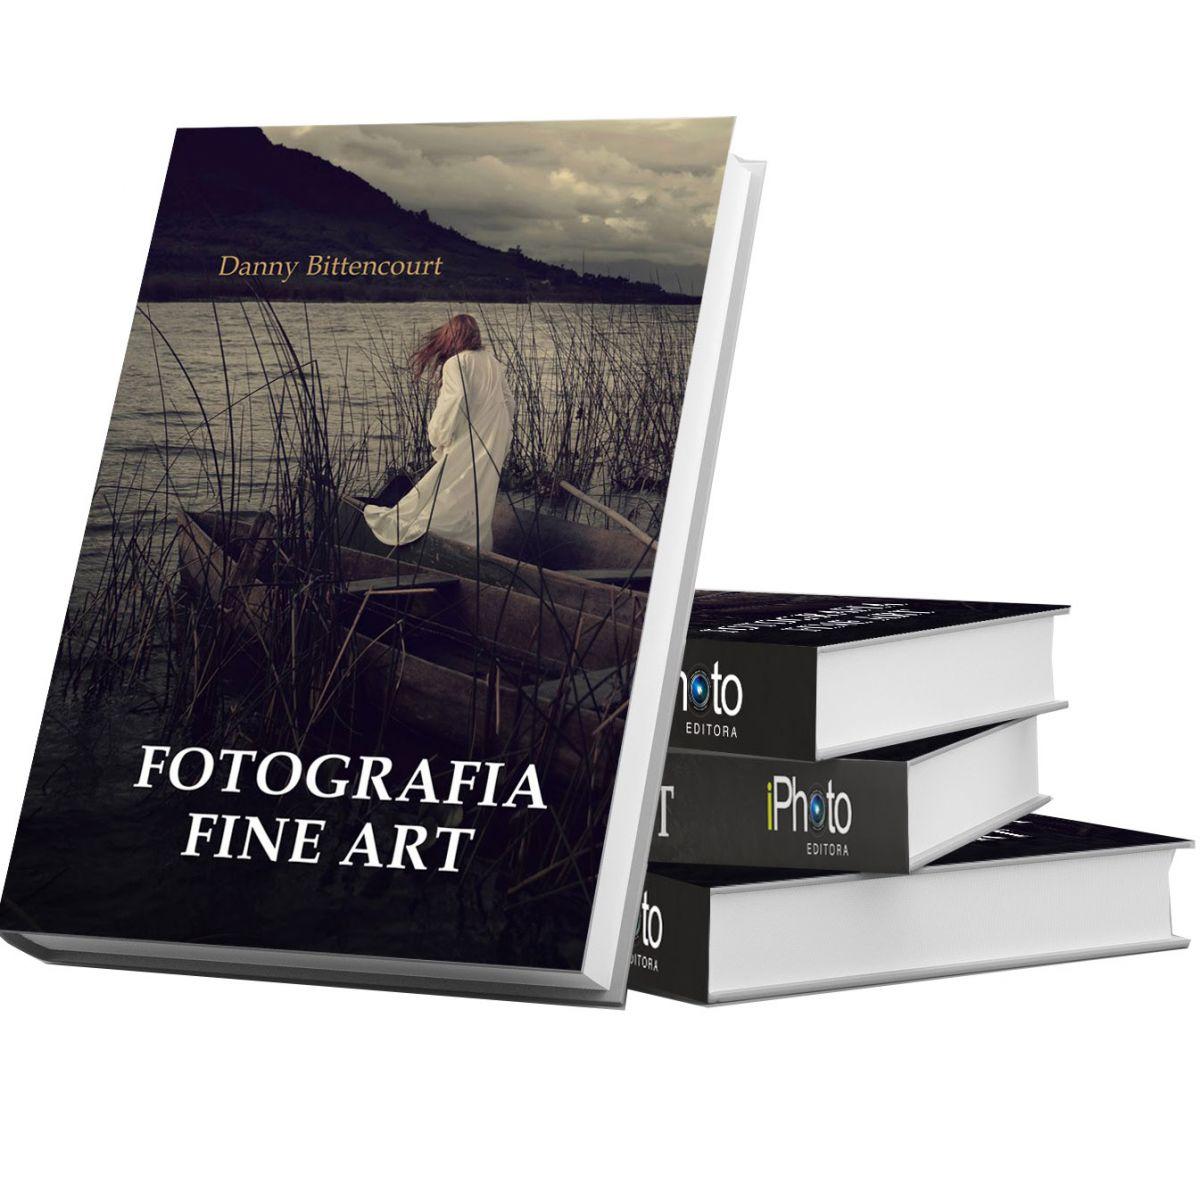 Fotografia Fine Art - Editora Iphoto - Transforme sua fotografia em uma obra de arte